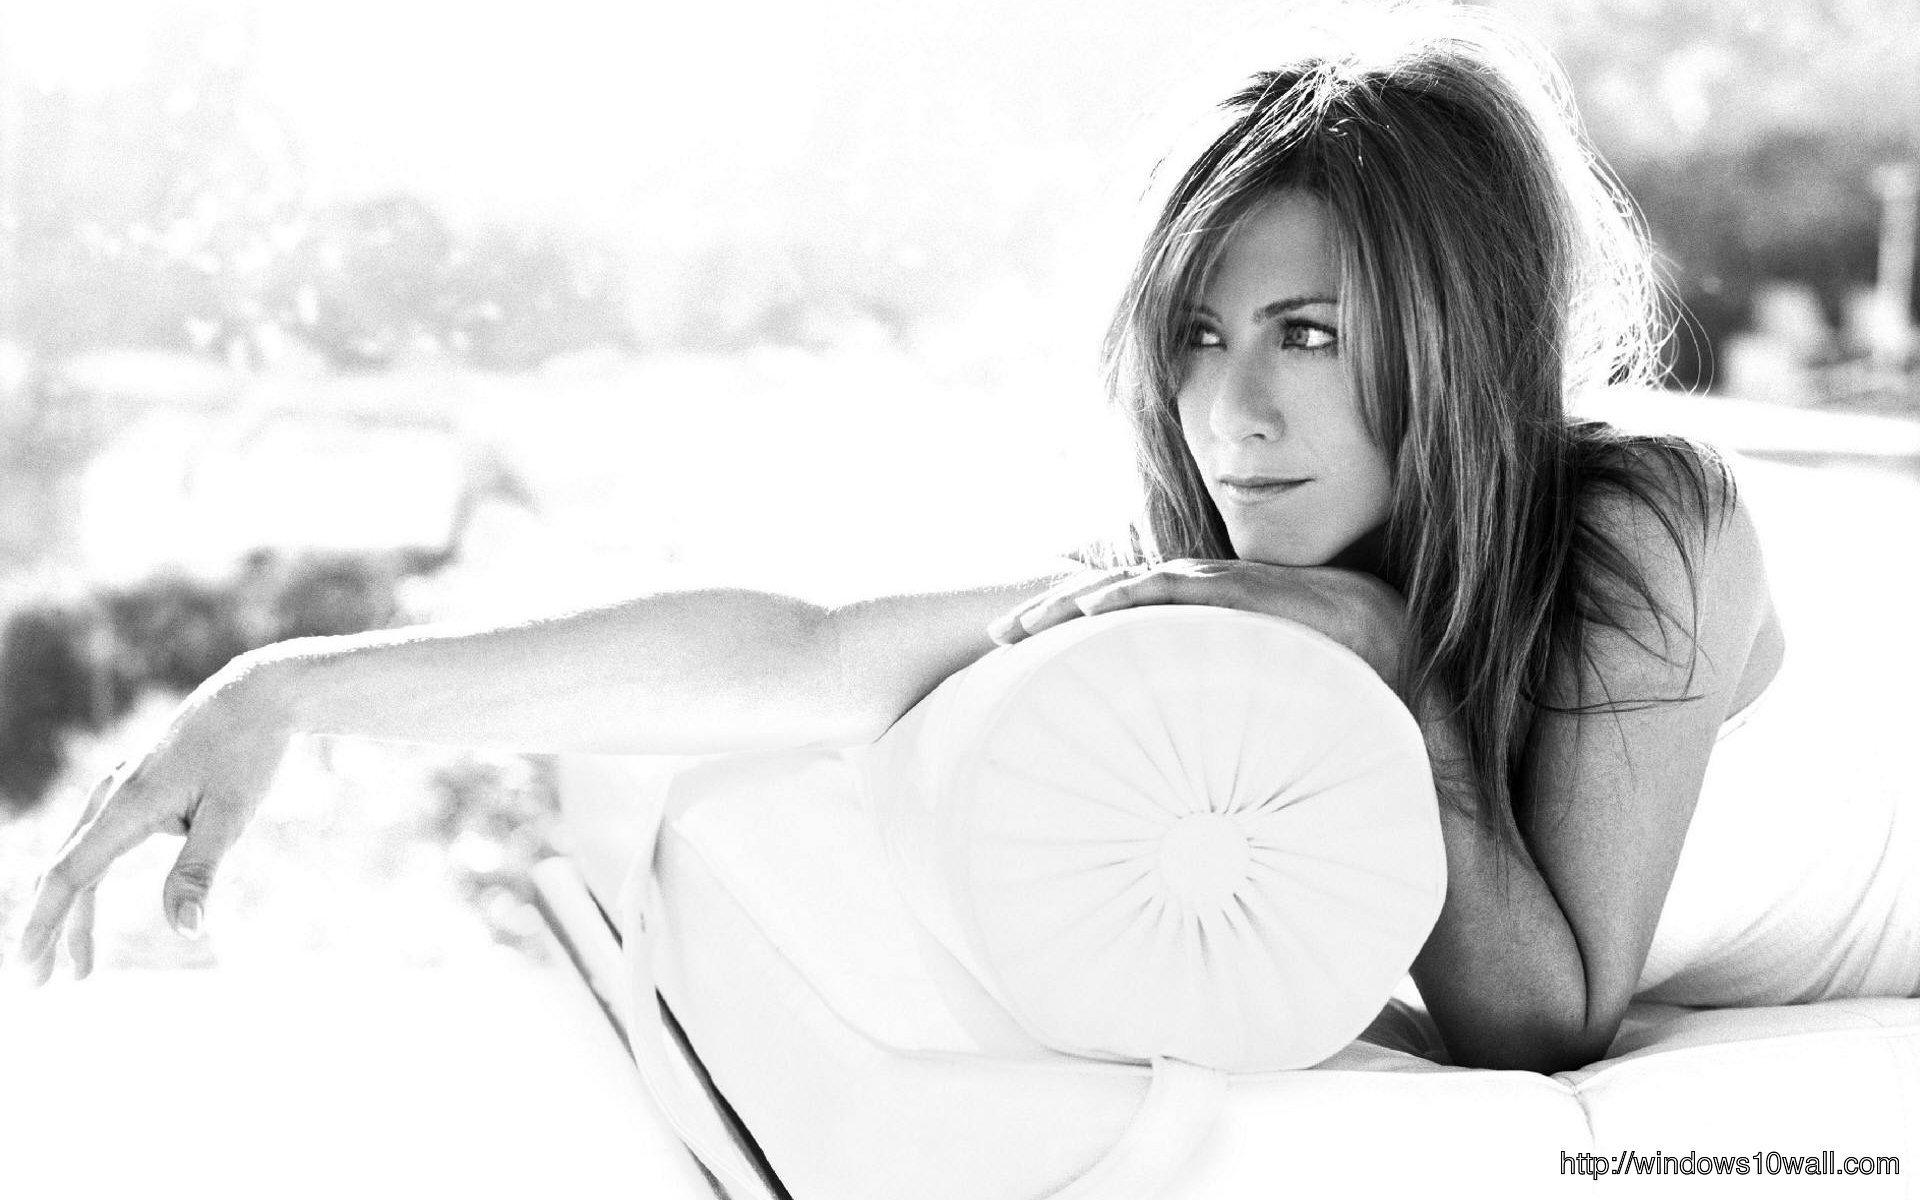 Jennifer-Aniston-Black-White-WideScreen-HD-Wallpaper